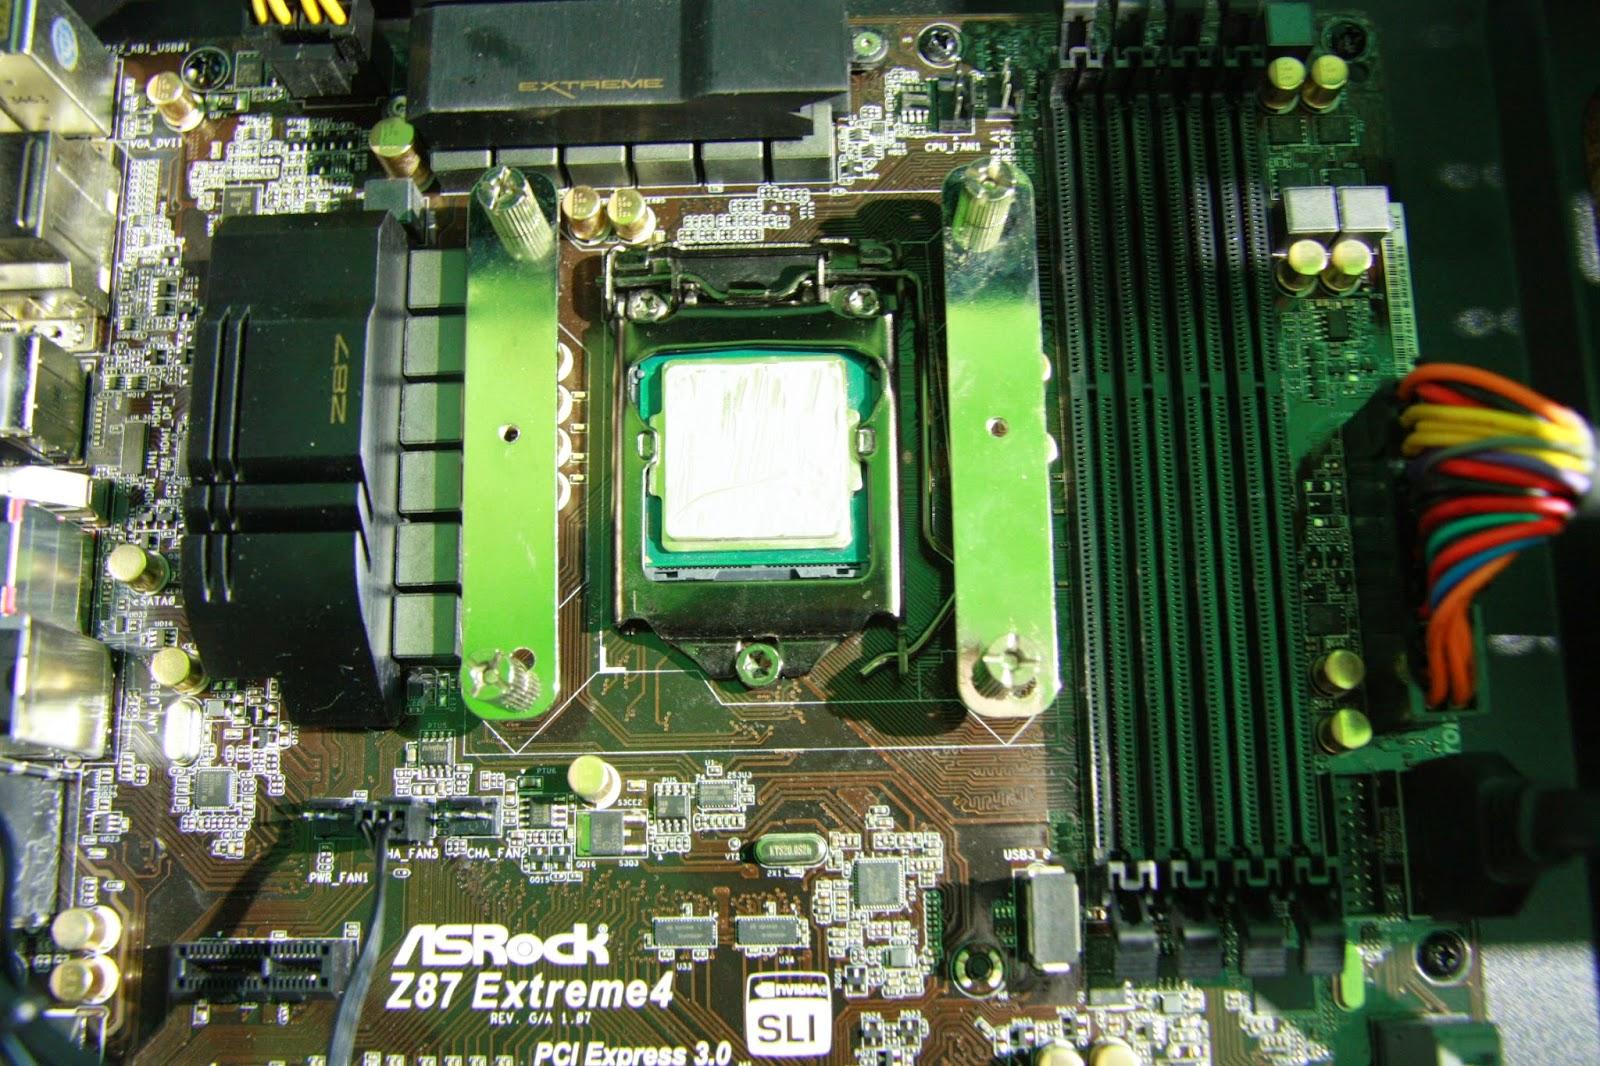 Mostki obok procesora przytwierdzone do backplateu